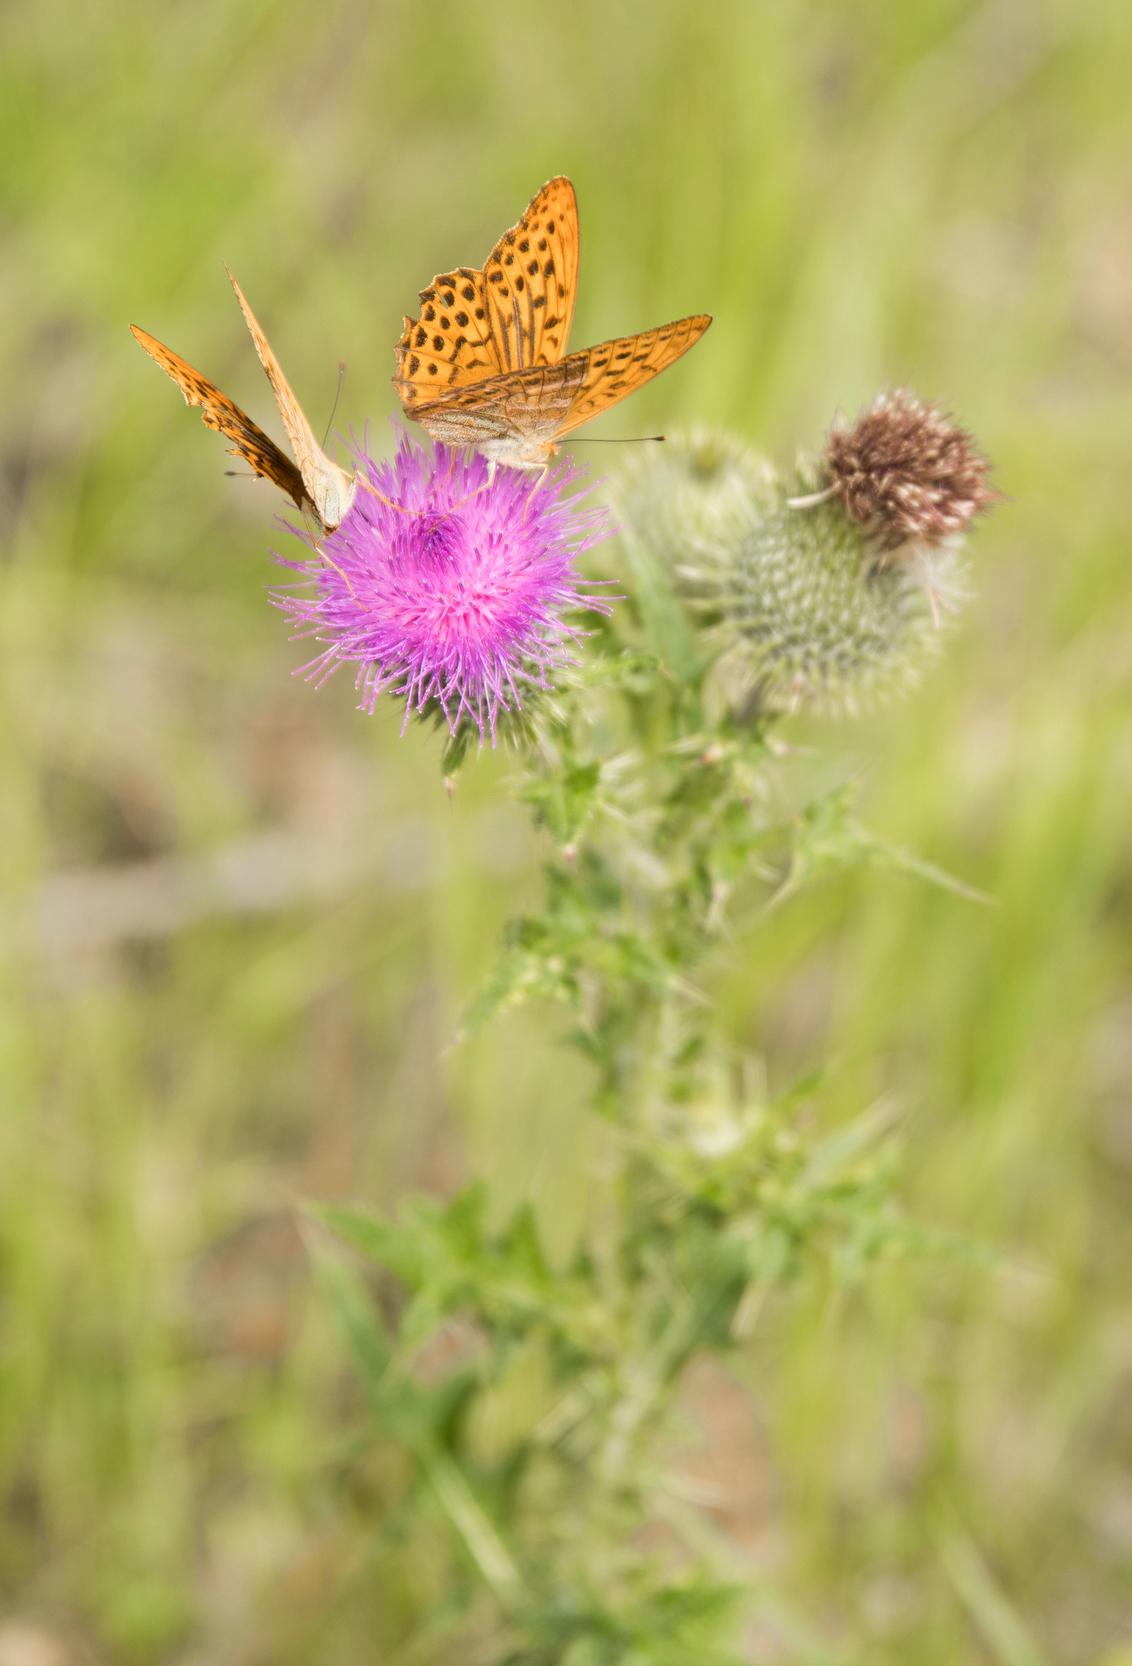 Twins - Deze twee vlinders hadden het voorzien op dezelfde bloem. Na wat gefladder zijn ze er toch maar samen op gaan zitten. - foto door antine_vdz op 31-07-2017 - deze foto bevat: roze, paars, macro, bloem, natuur, vlinder, oranje, zomer, awd, insect, bokeh, Amsterdamse Waterleidingsduinen